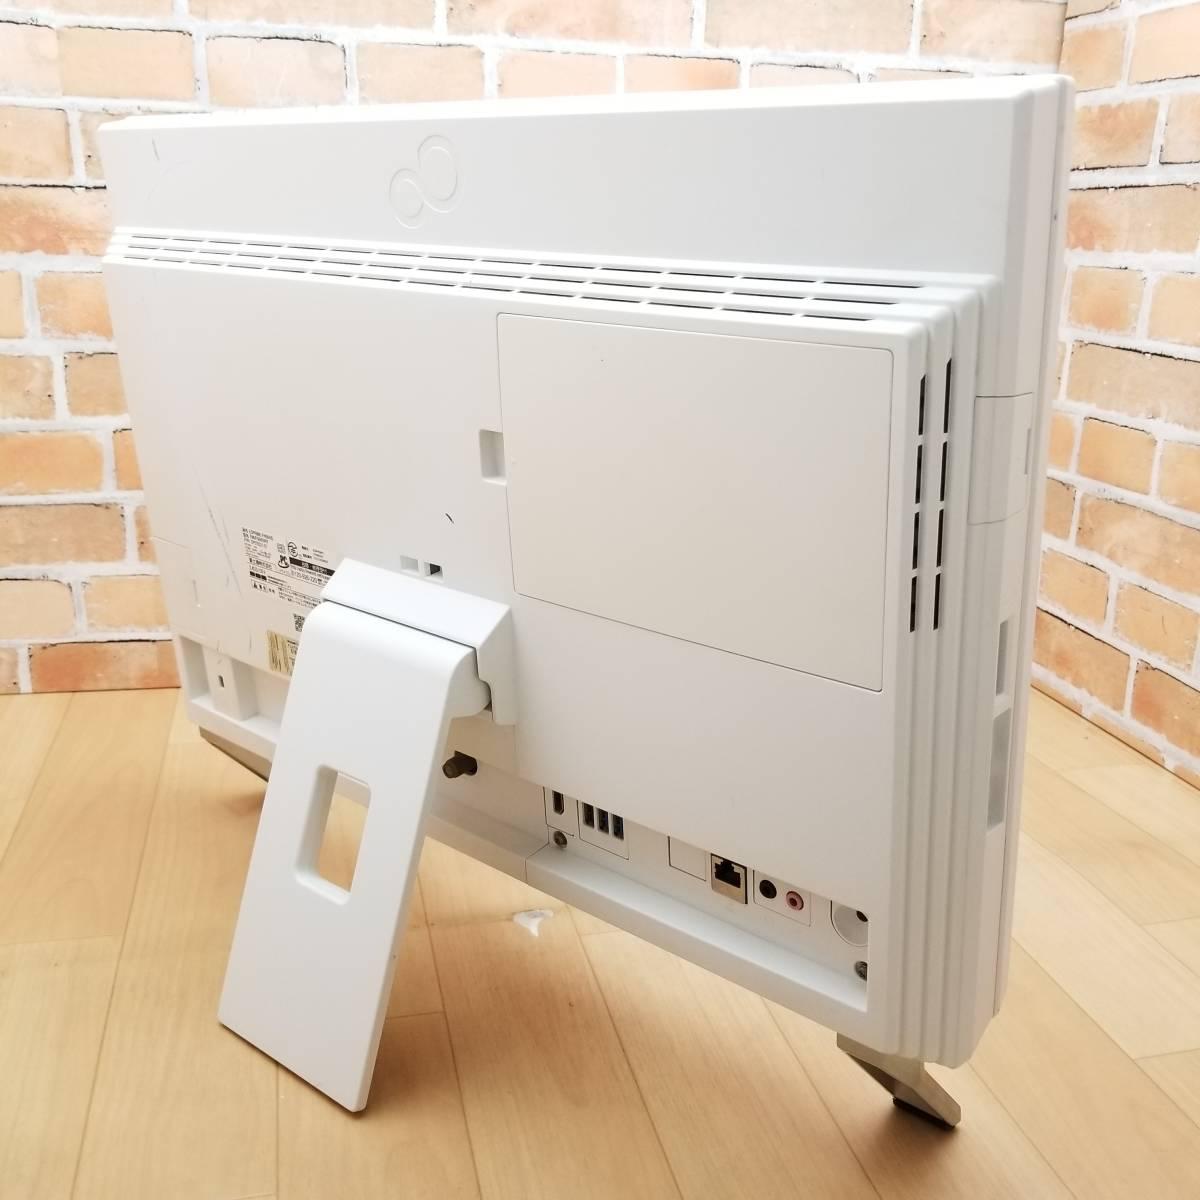 ★美品★高性能第3世代i7(ターボ)搭載/大容量HDD2TB/メモリ8GB/無線Wi-Fi/Webカメラ/Blu-ray/最新Office搭載/Win10/ESPRIMO FH56/HD(C7569)_★背面に薄いスレがあります★